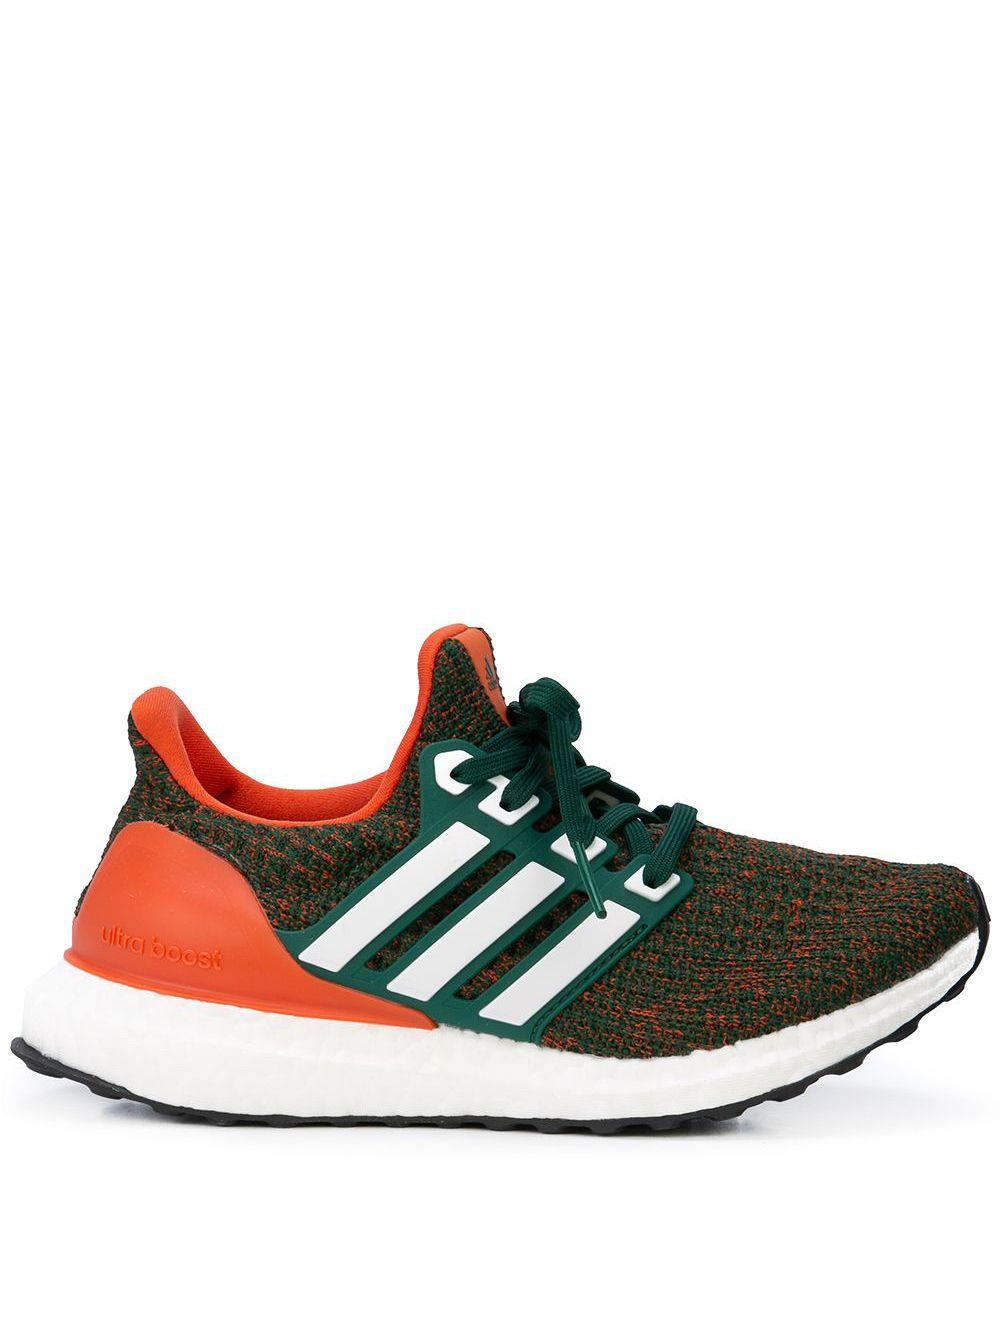 watch e270d 5baf5 Adidas Sock-Sneakers mit Schnürung - Grün von Adidas